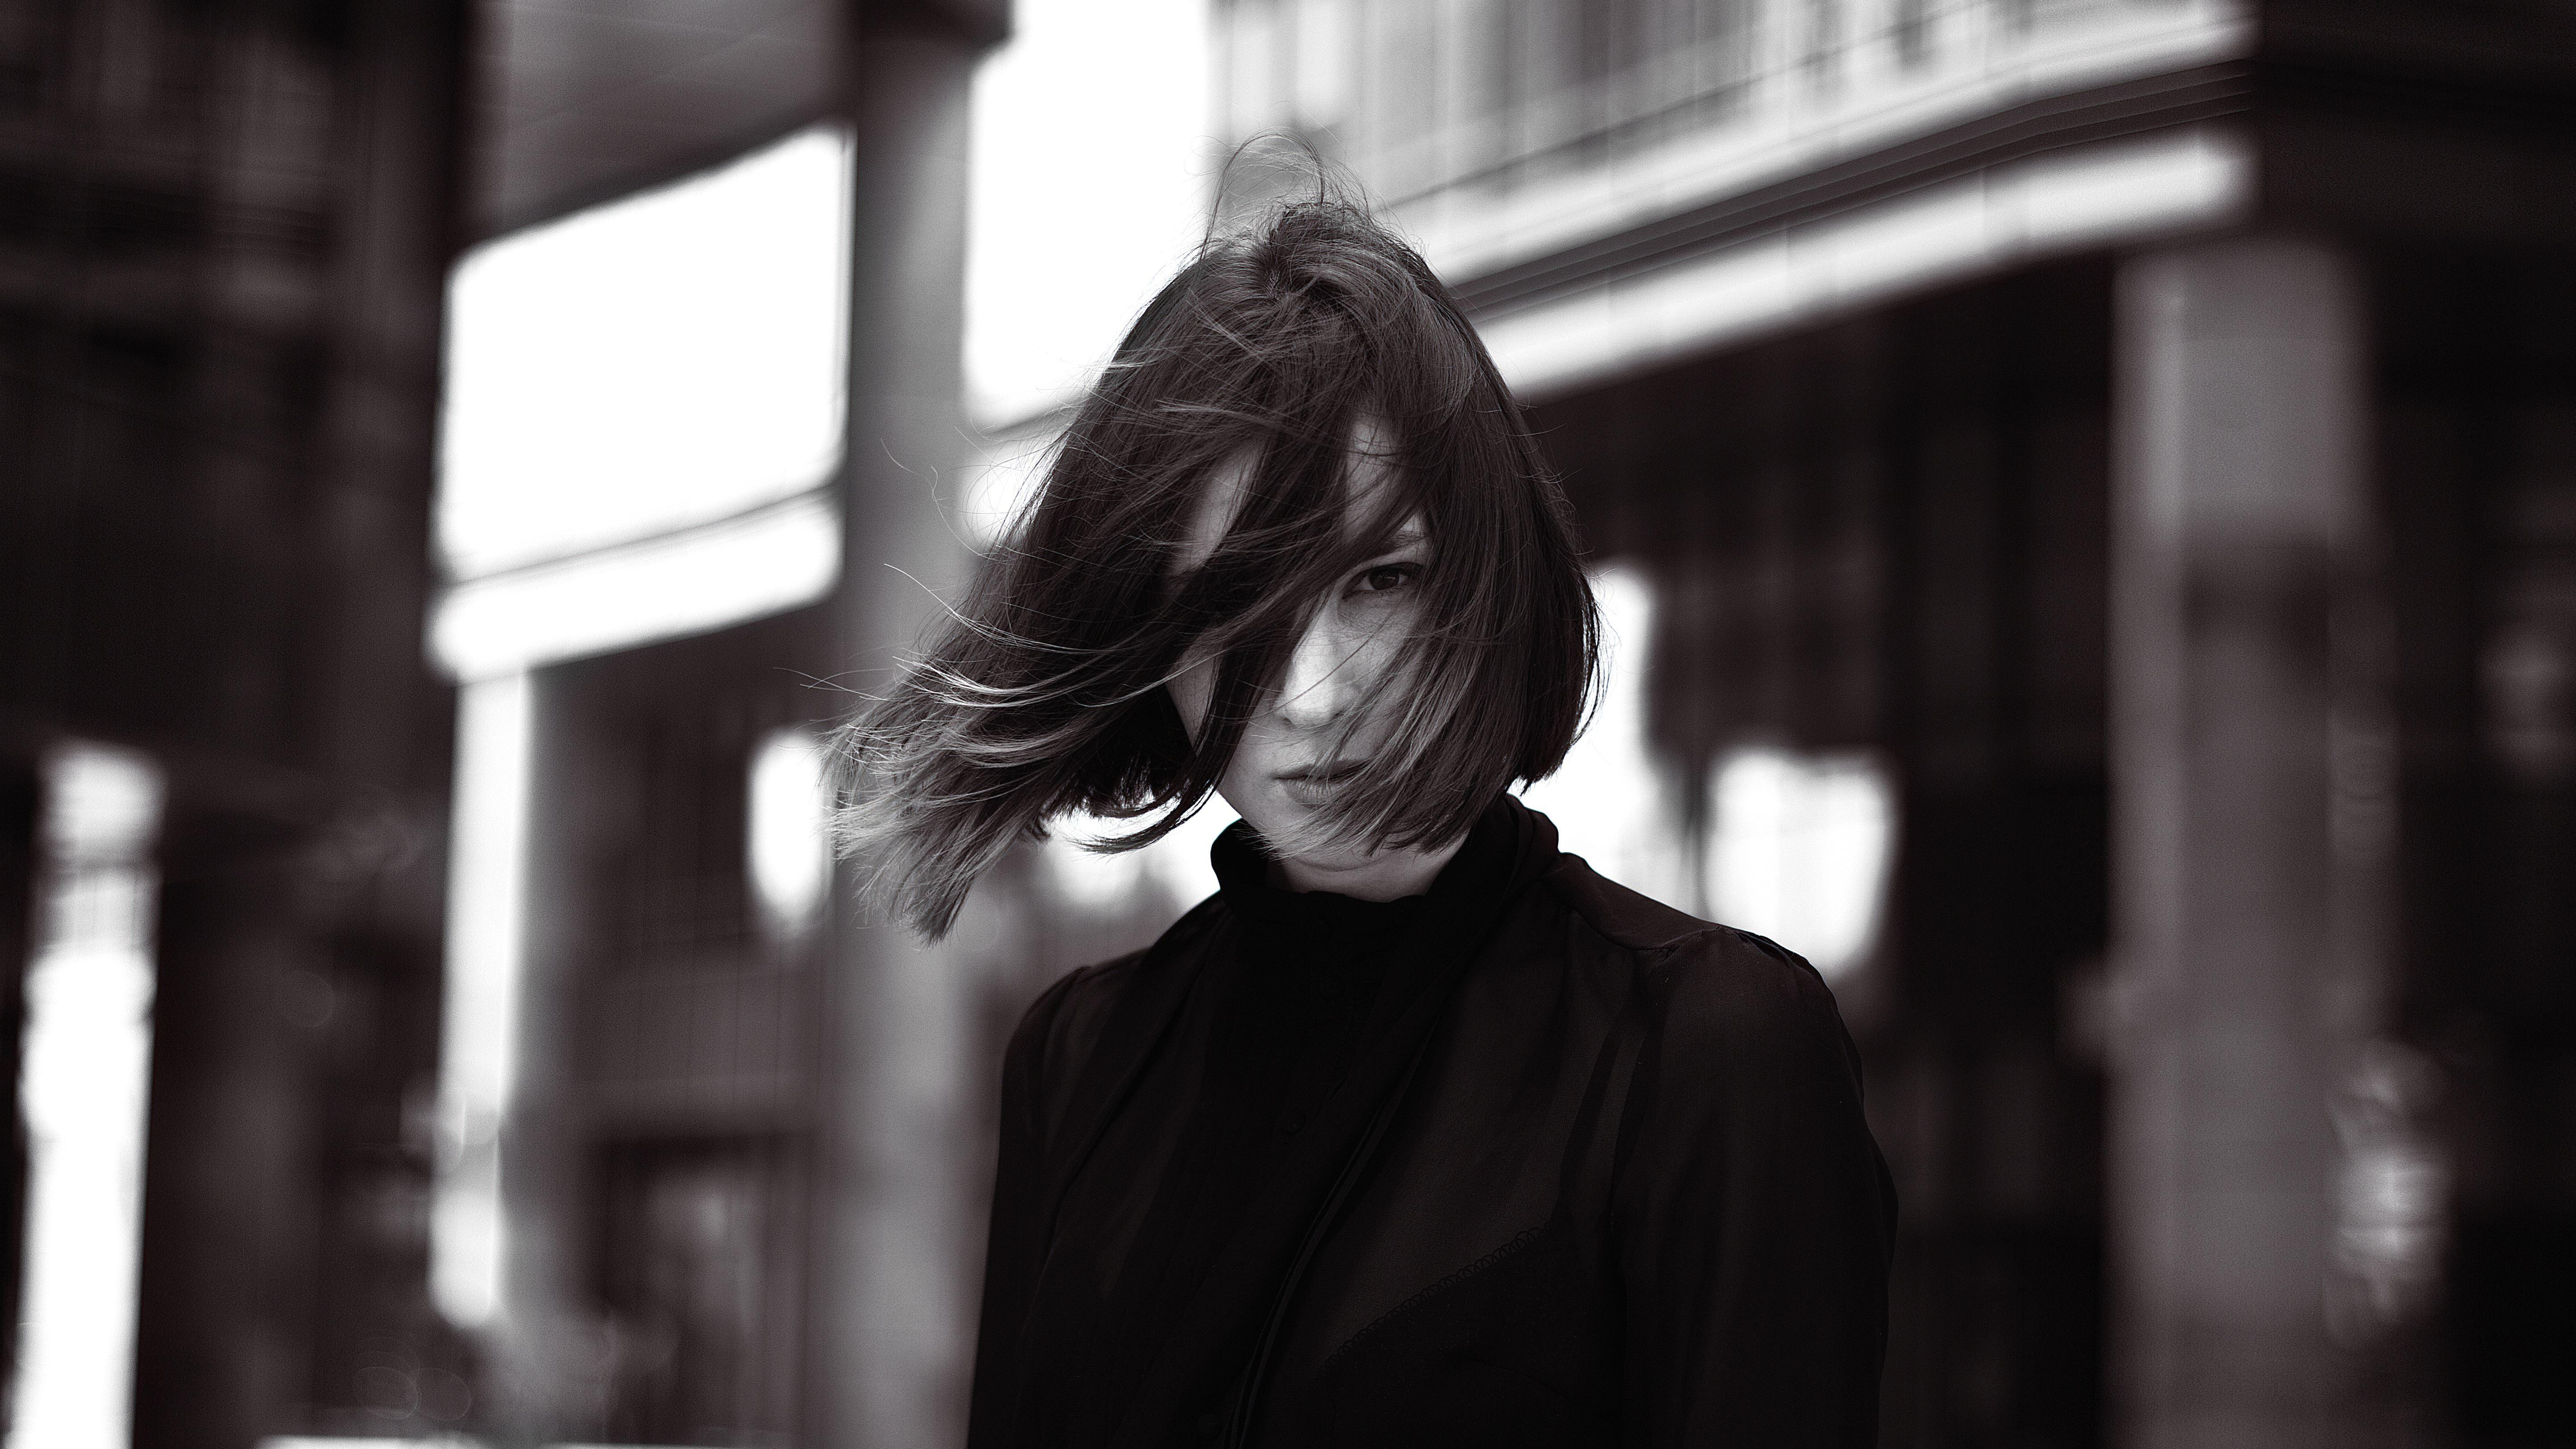 Fashion Pretty Girl Photo Model Person Wind Woman